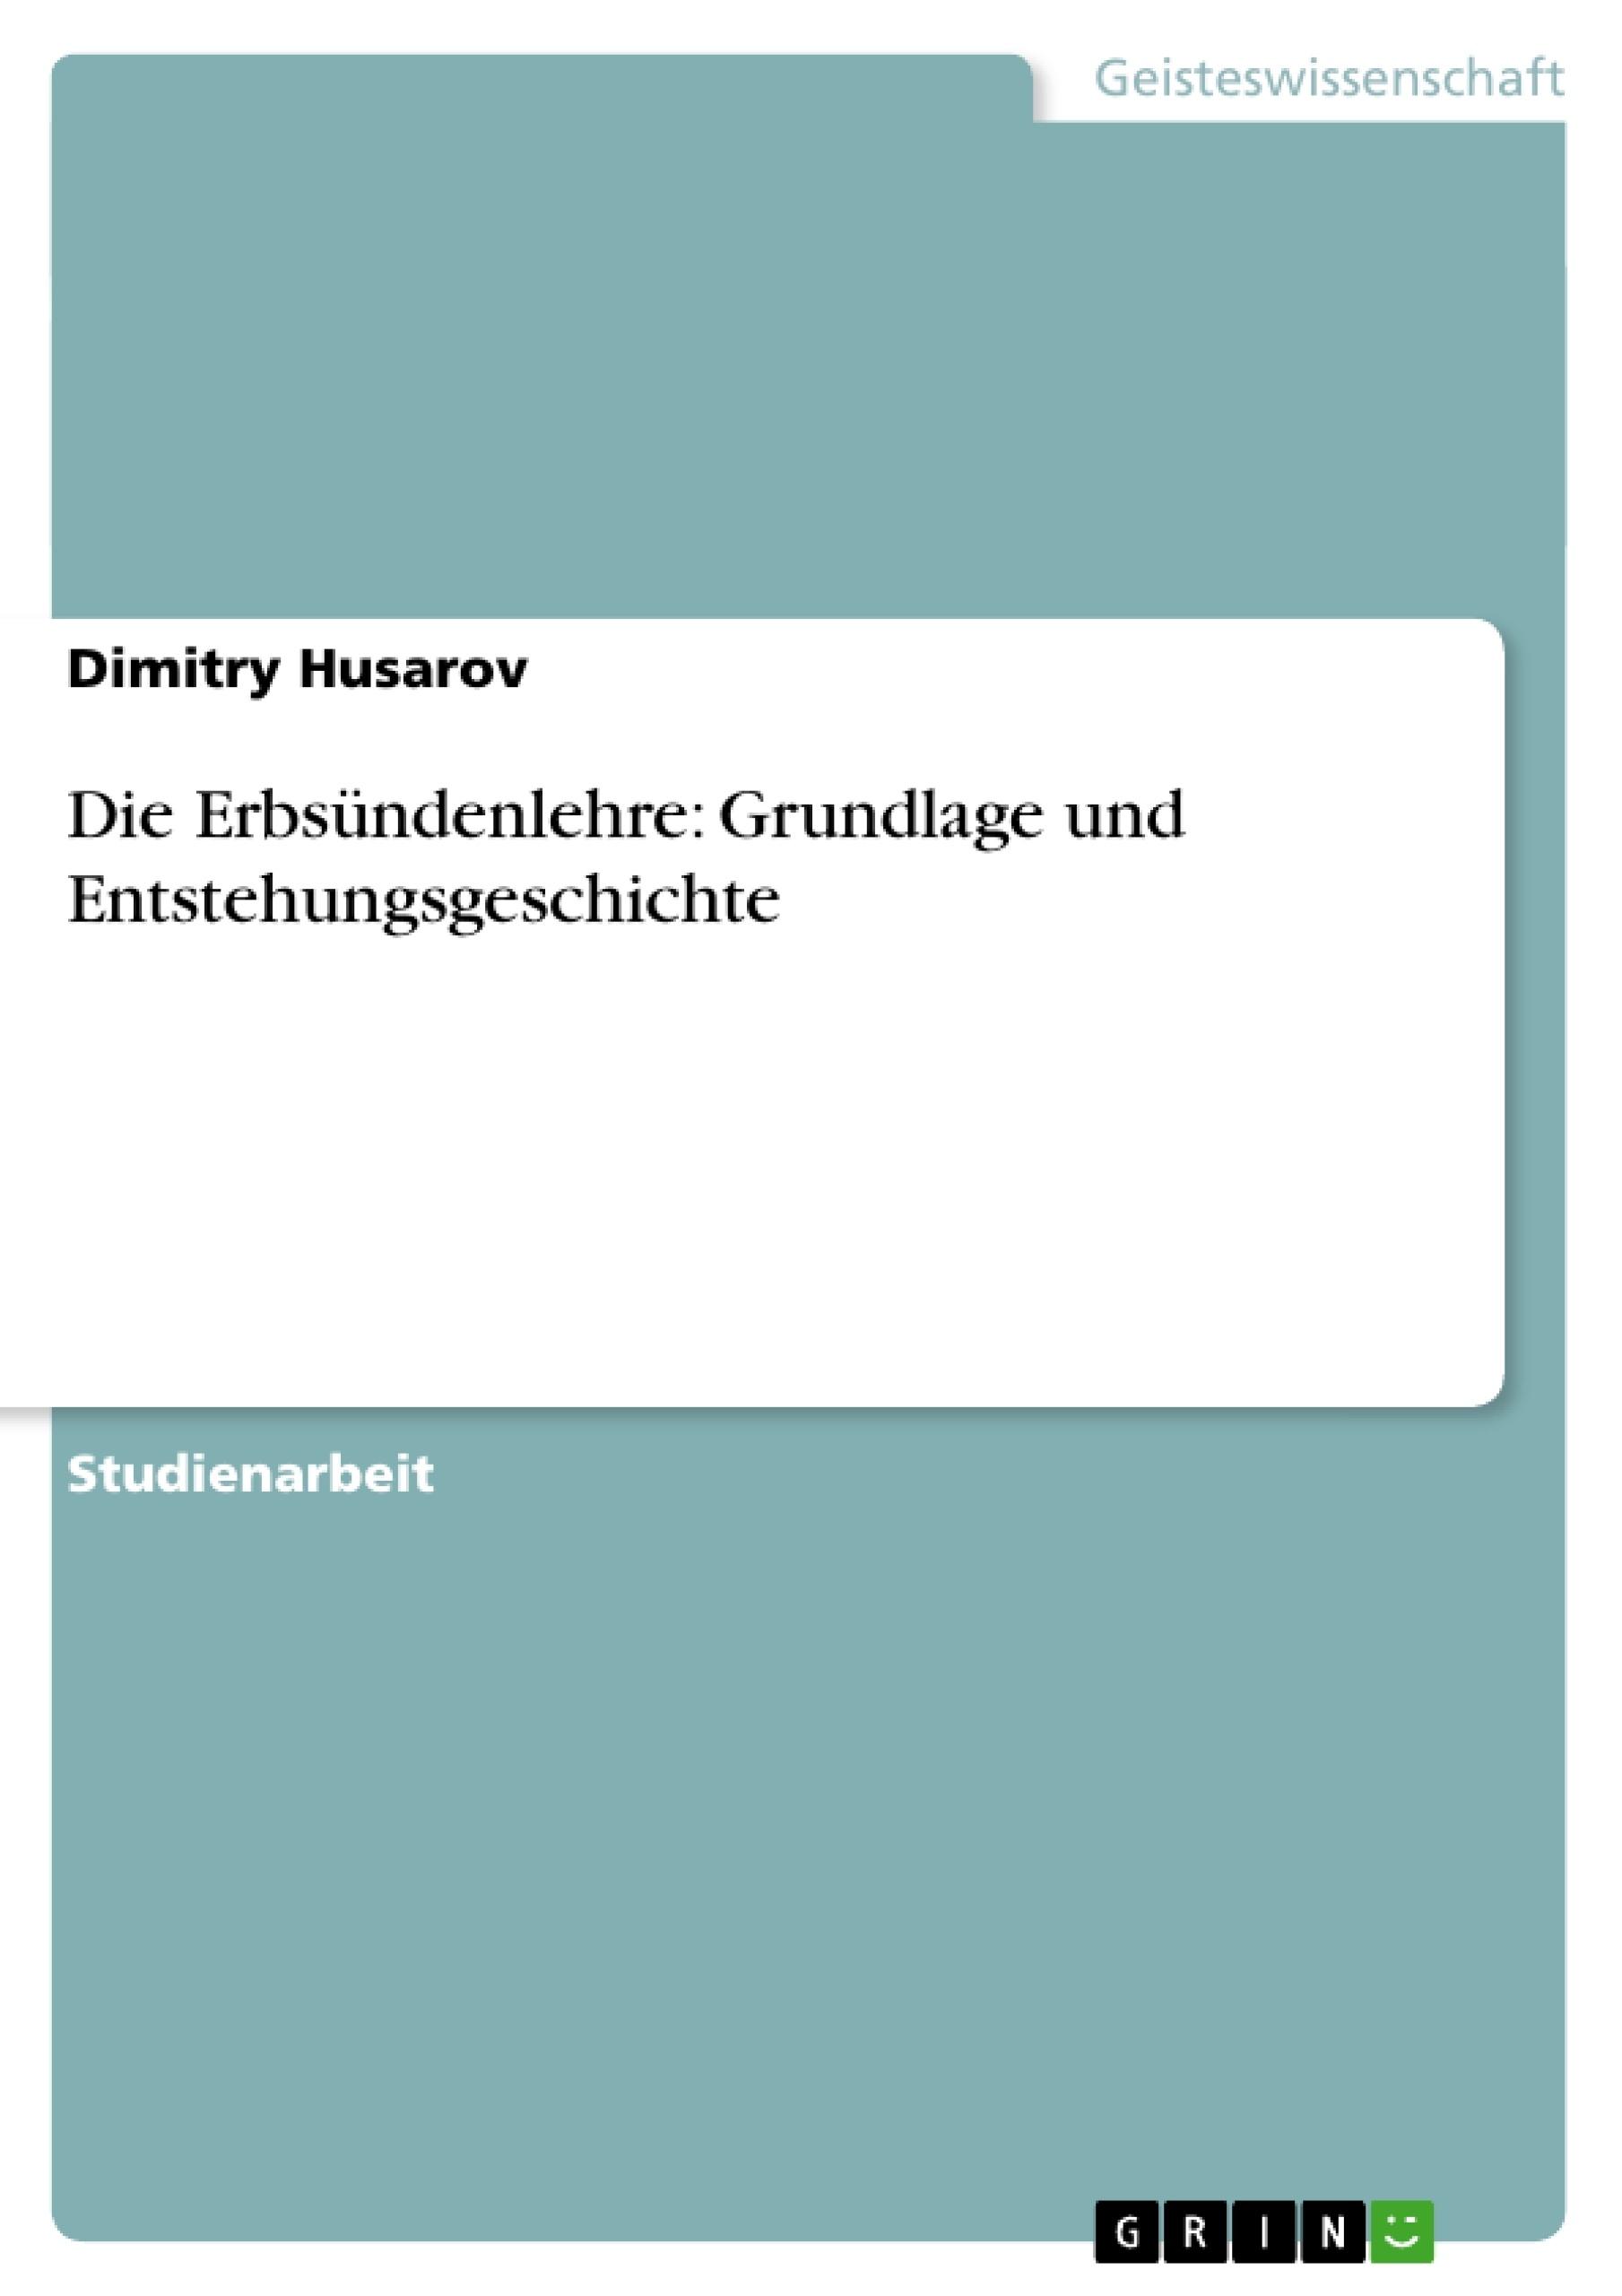 Titel: Die Erbsündenlehre: Grundlage und Entstehungsgeschichte